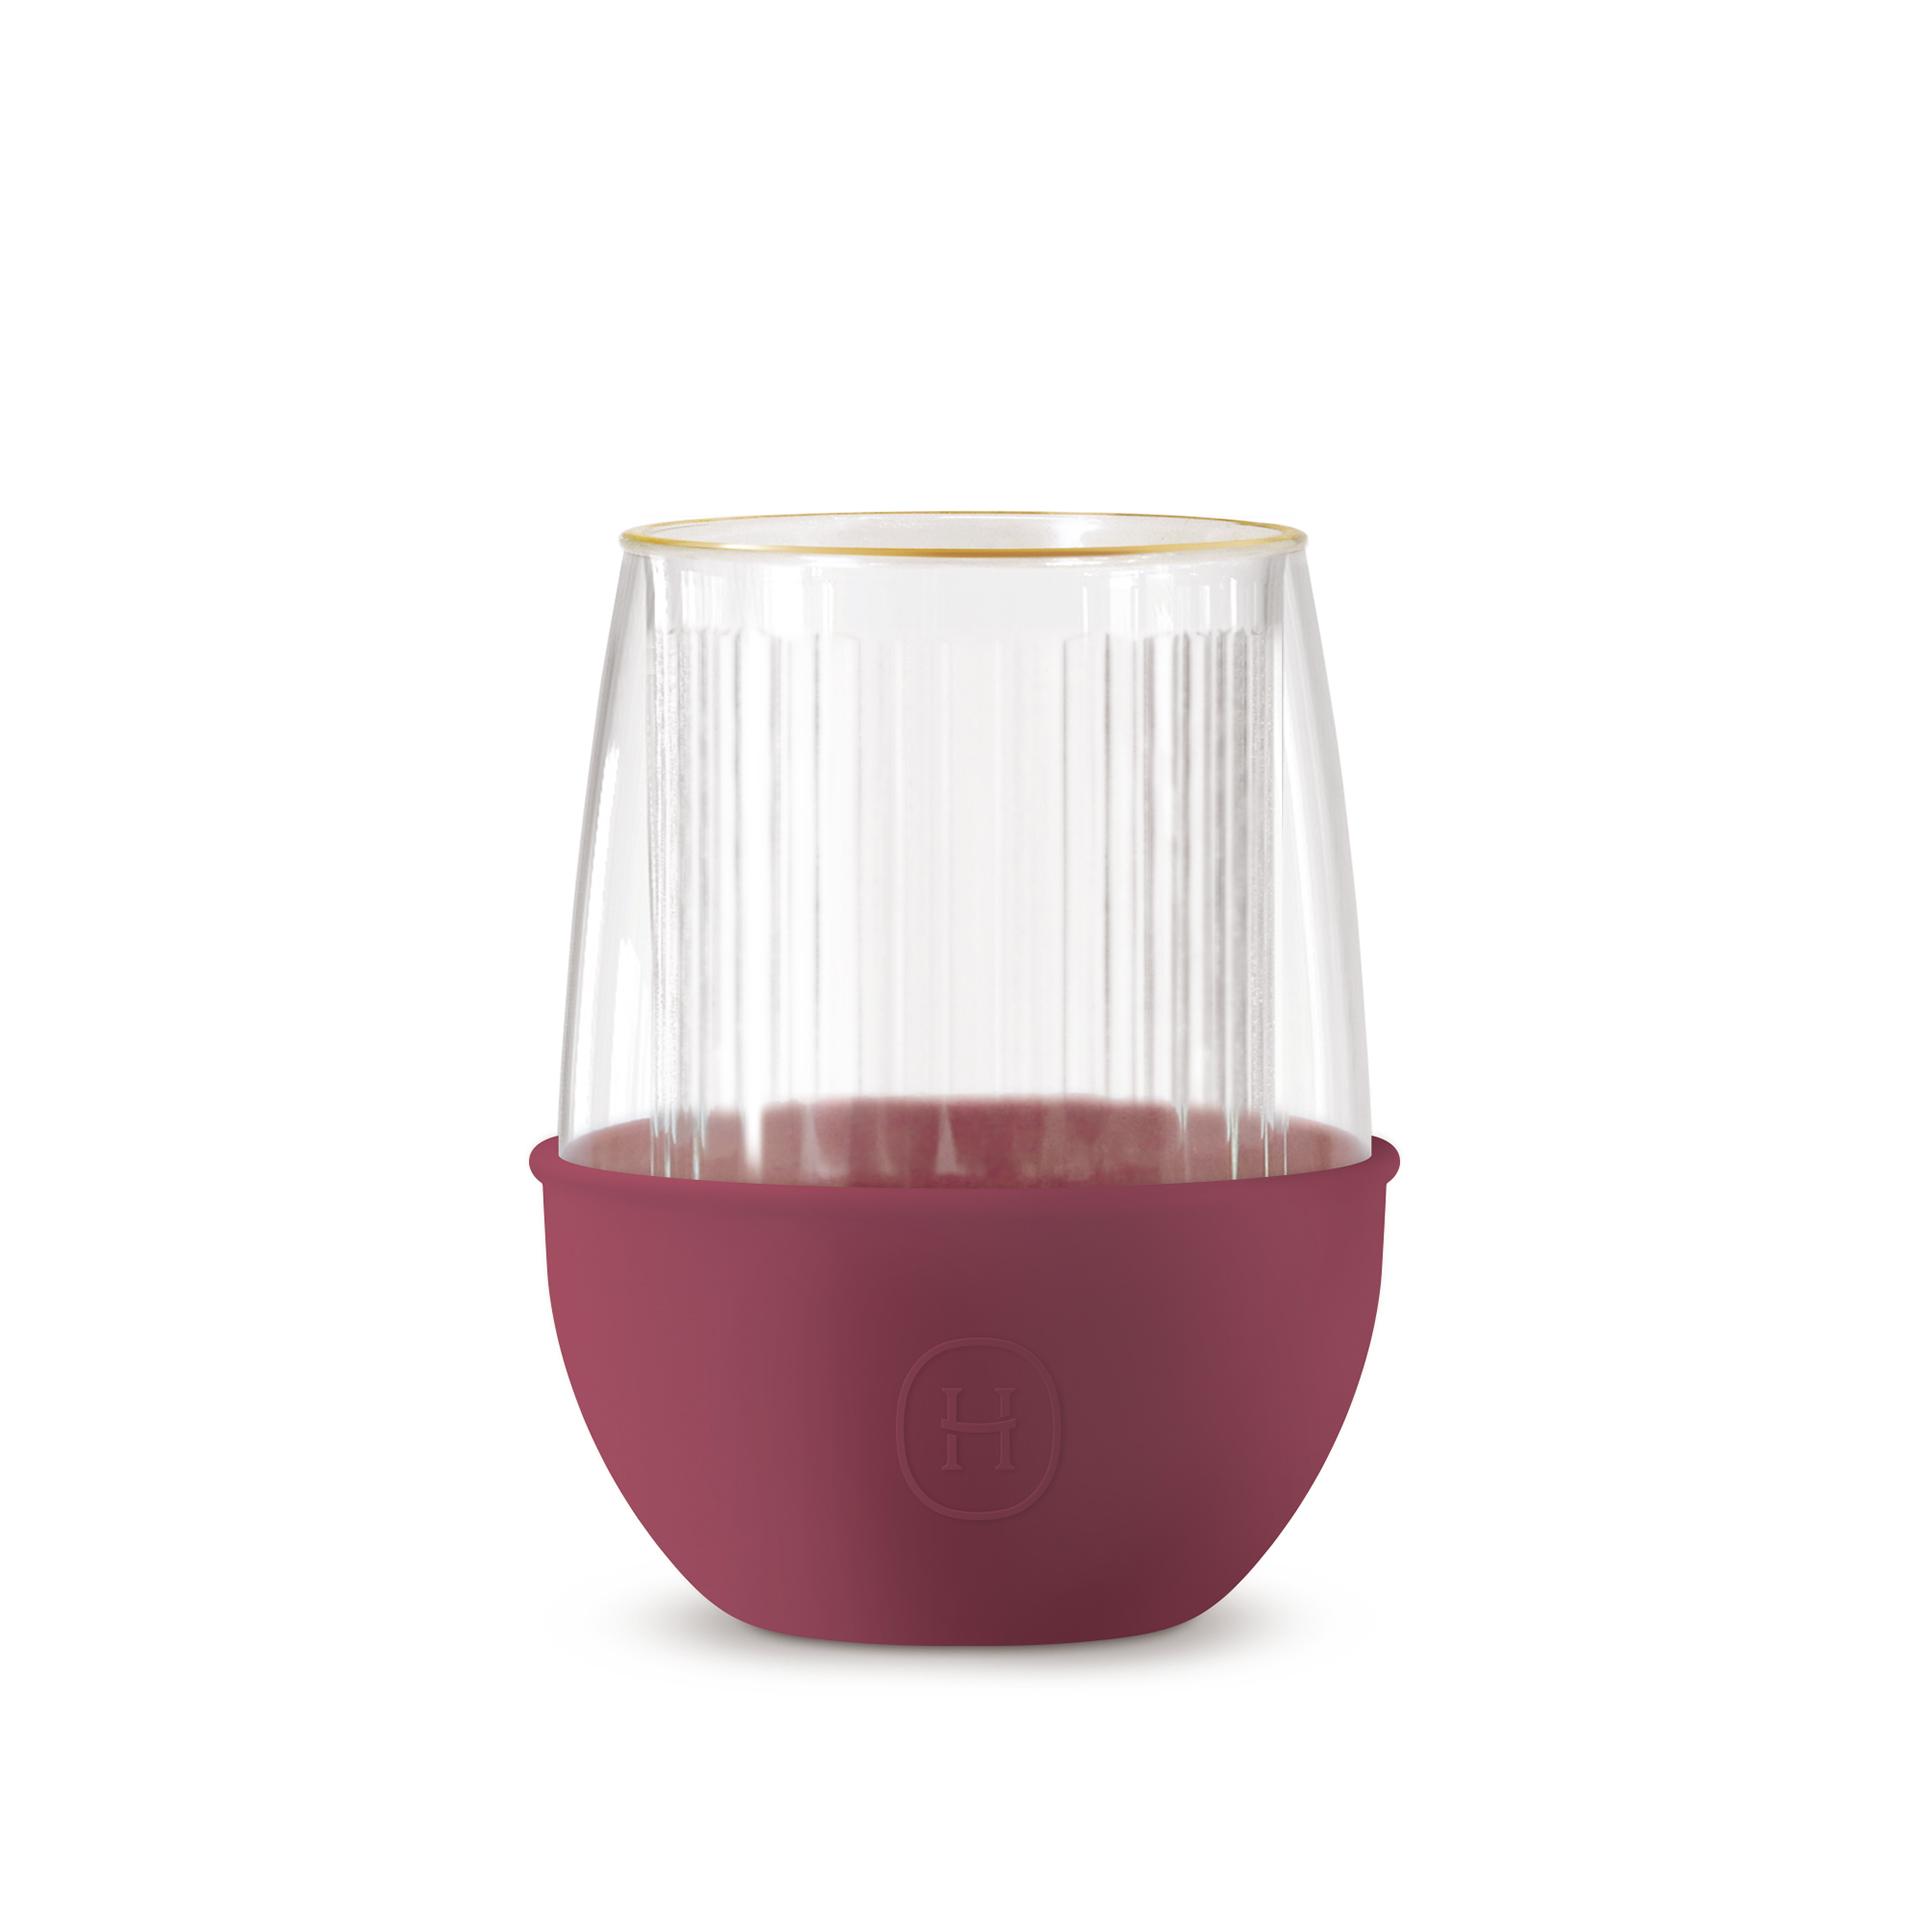 美國 HYDY LUCIDO 雙層玻璃 蛋型杯 線條紋杯 (桑格莉亞) 240ml